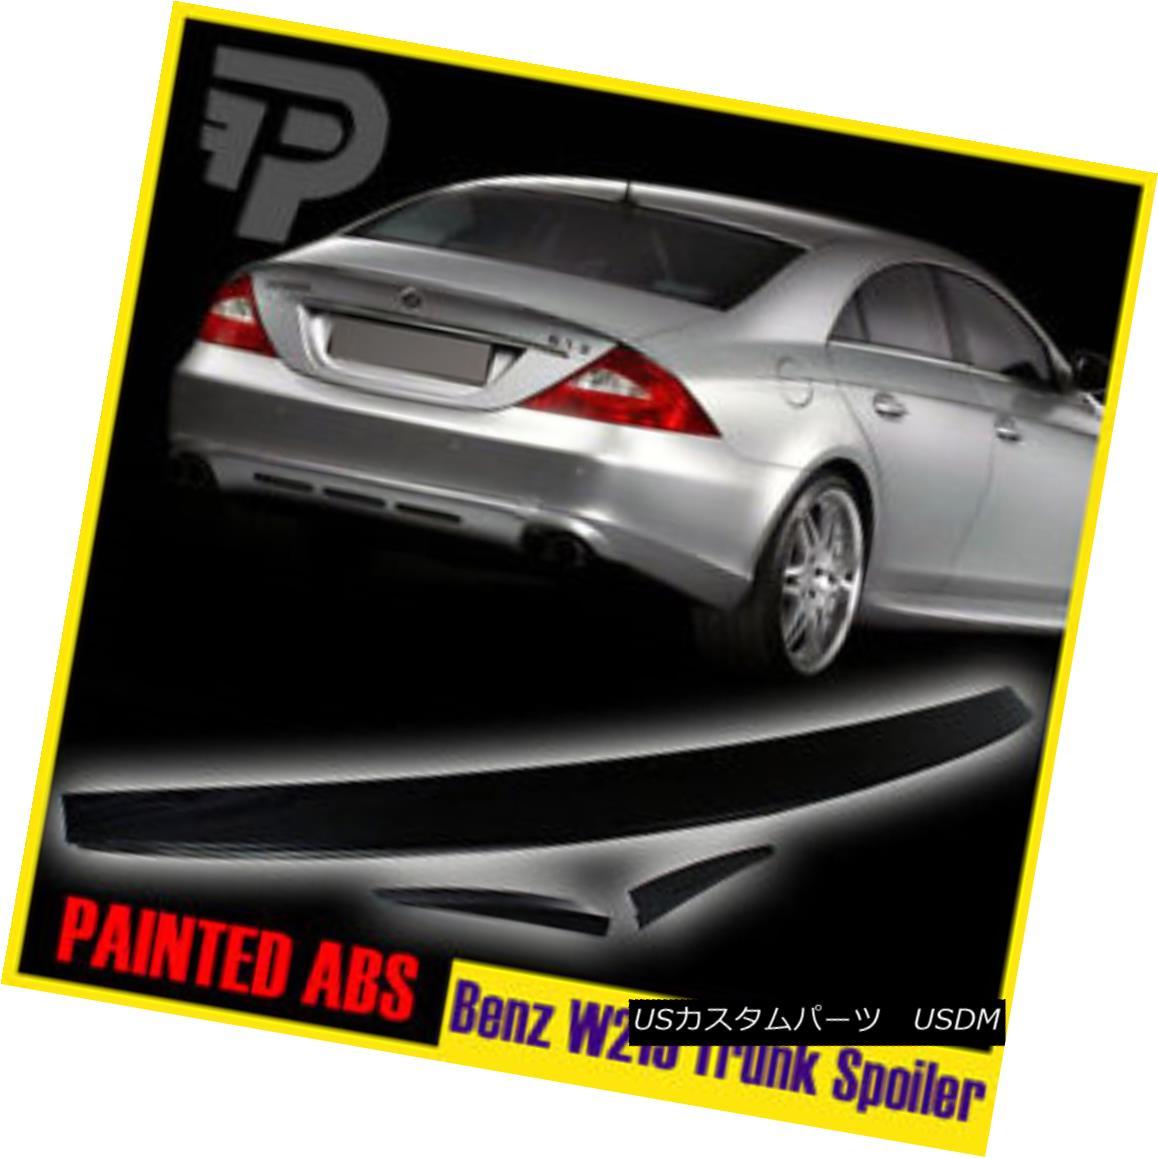 エアロパーツ Painted 04-10 Mercedes Benz CLS-Class W219 Saloon Rear Lip Trunk Spoiler Boot 塗装04-10メルセデスベンツCLSクラスW219サルーンリアリップトランク・スポイラー・ブーツ